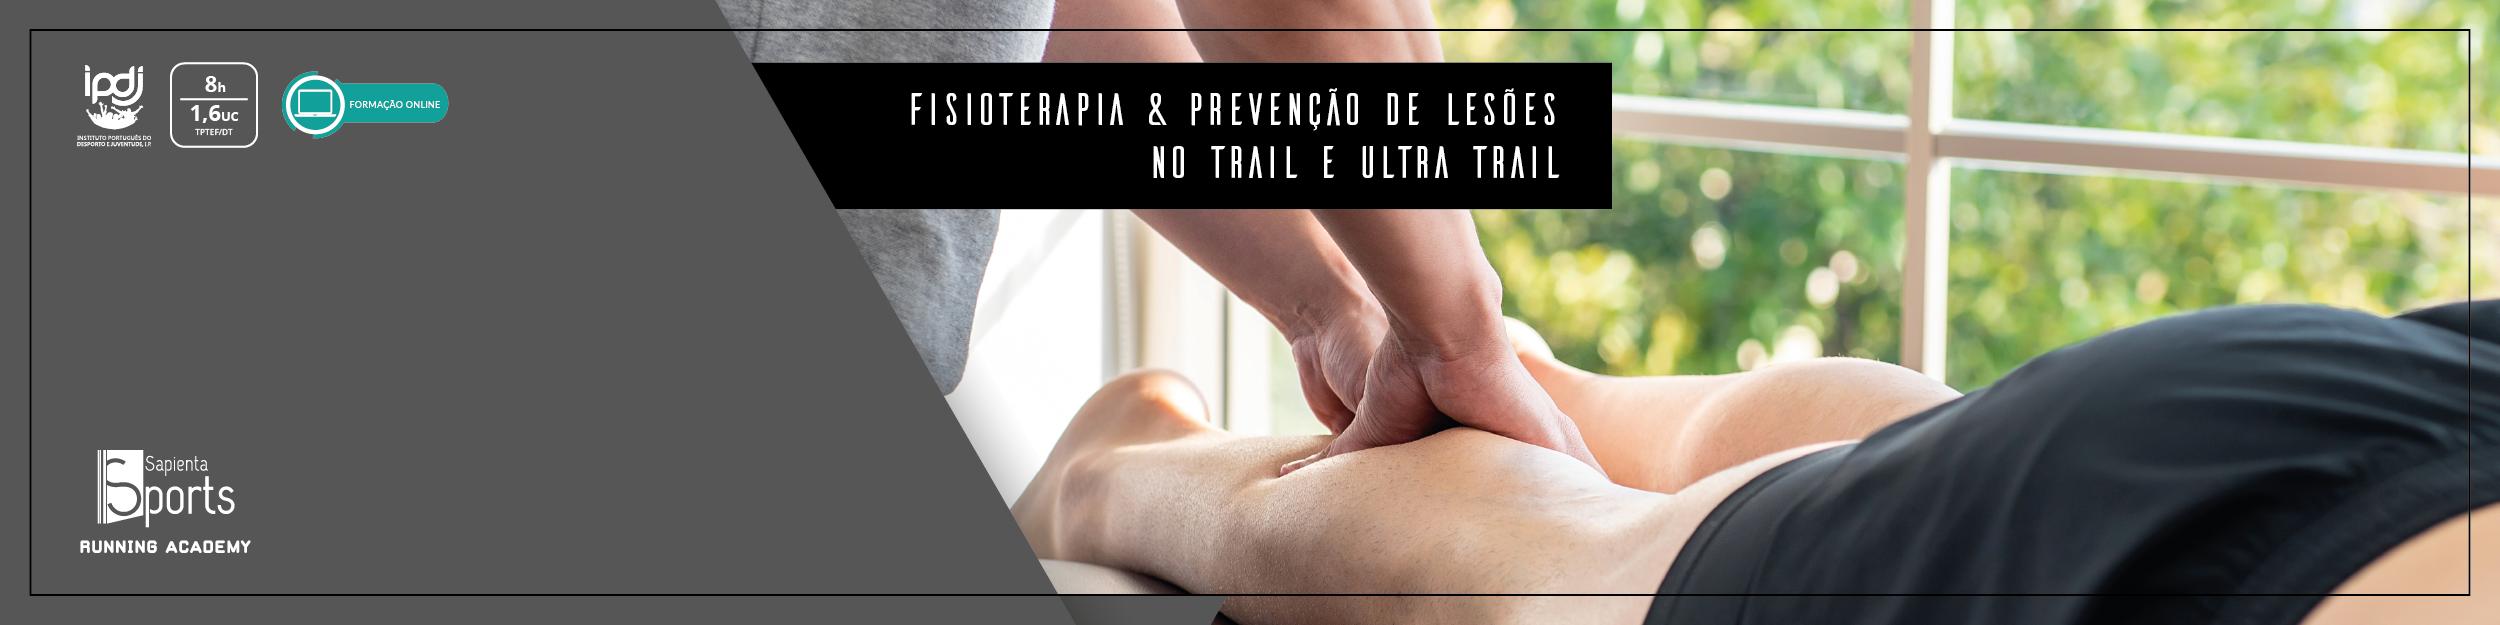 Fisioterapia & Prevenção de Lesões no Trail e Ultra trail